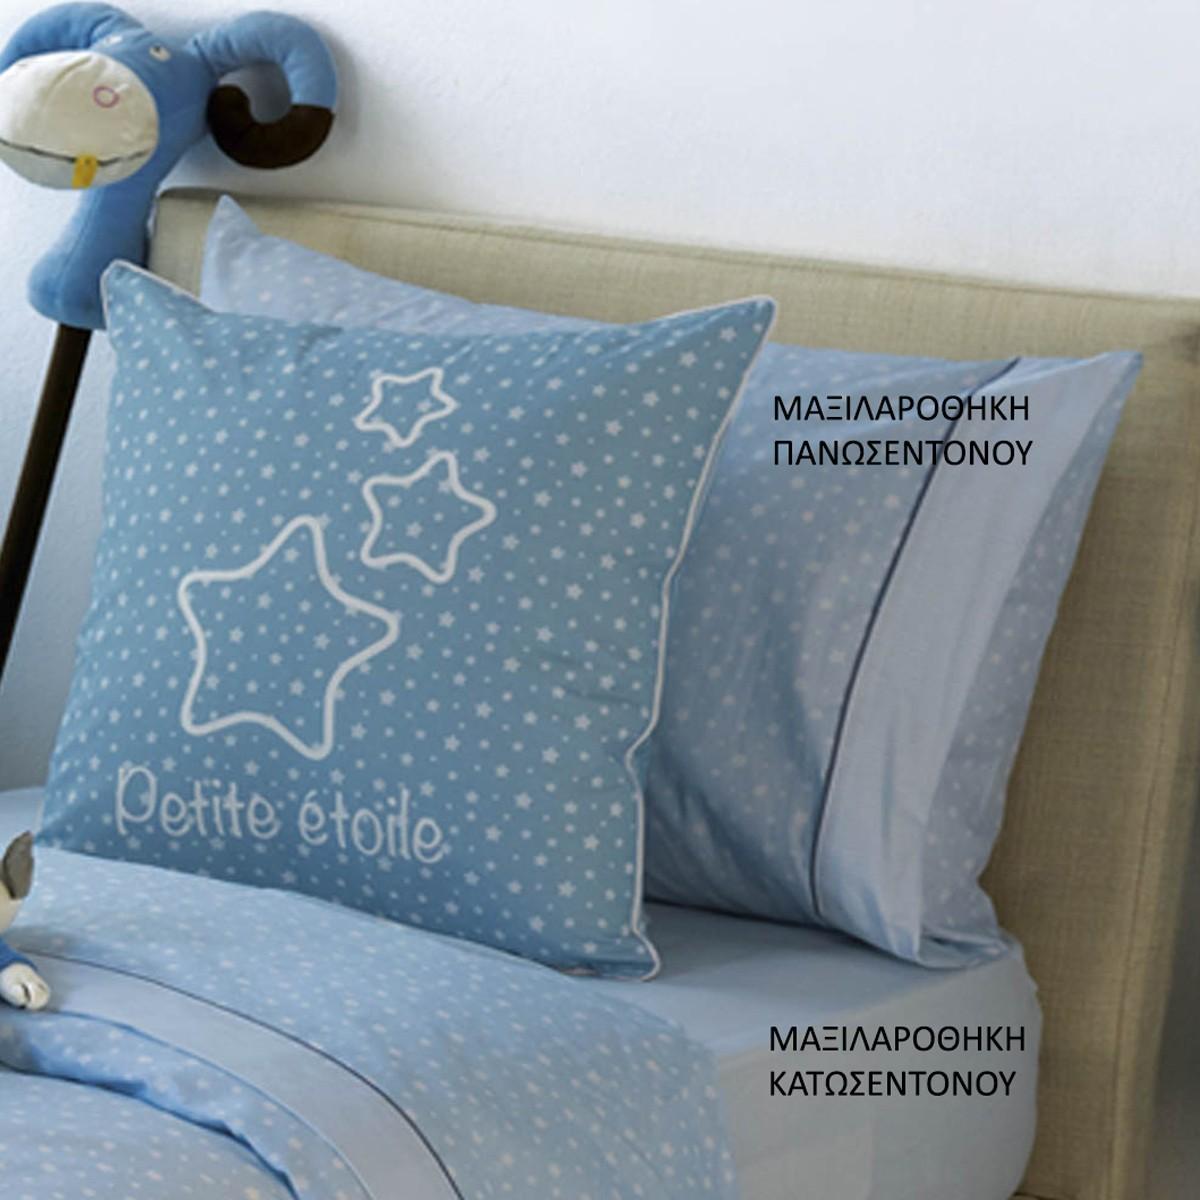 Μαξιλαροθήκη Kentia Kids Kiko ΜΑΞΙΛΑΡΟΘΗΚΗ ΚΑΤΩΣΕΝΤΟΝΟΥ ΜΑΞΙΛΑΡΟΘΗΚΗ ΚΑΤΩΣΕΝΤΟΝΟ home   παιδικά   μαξιλαροθήκες παιδικές